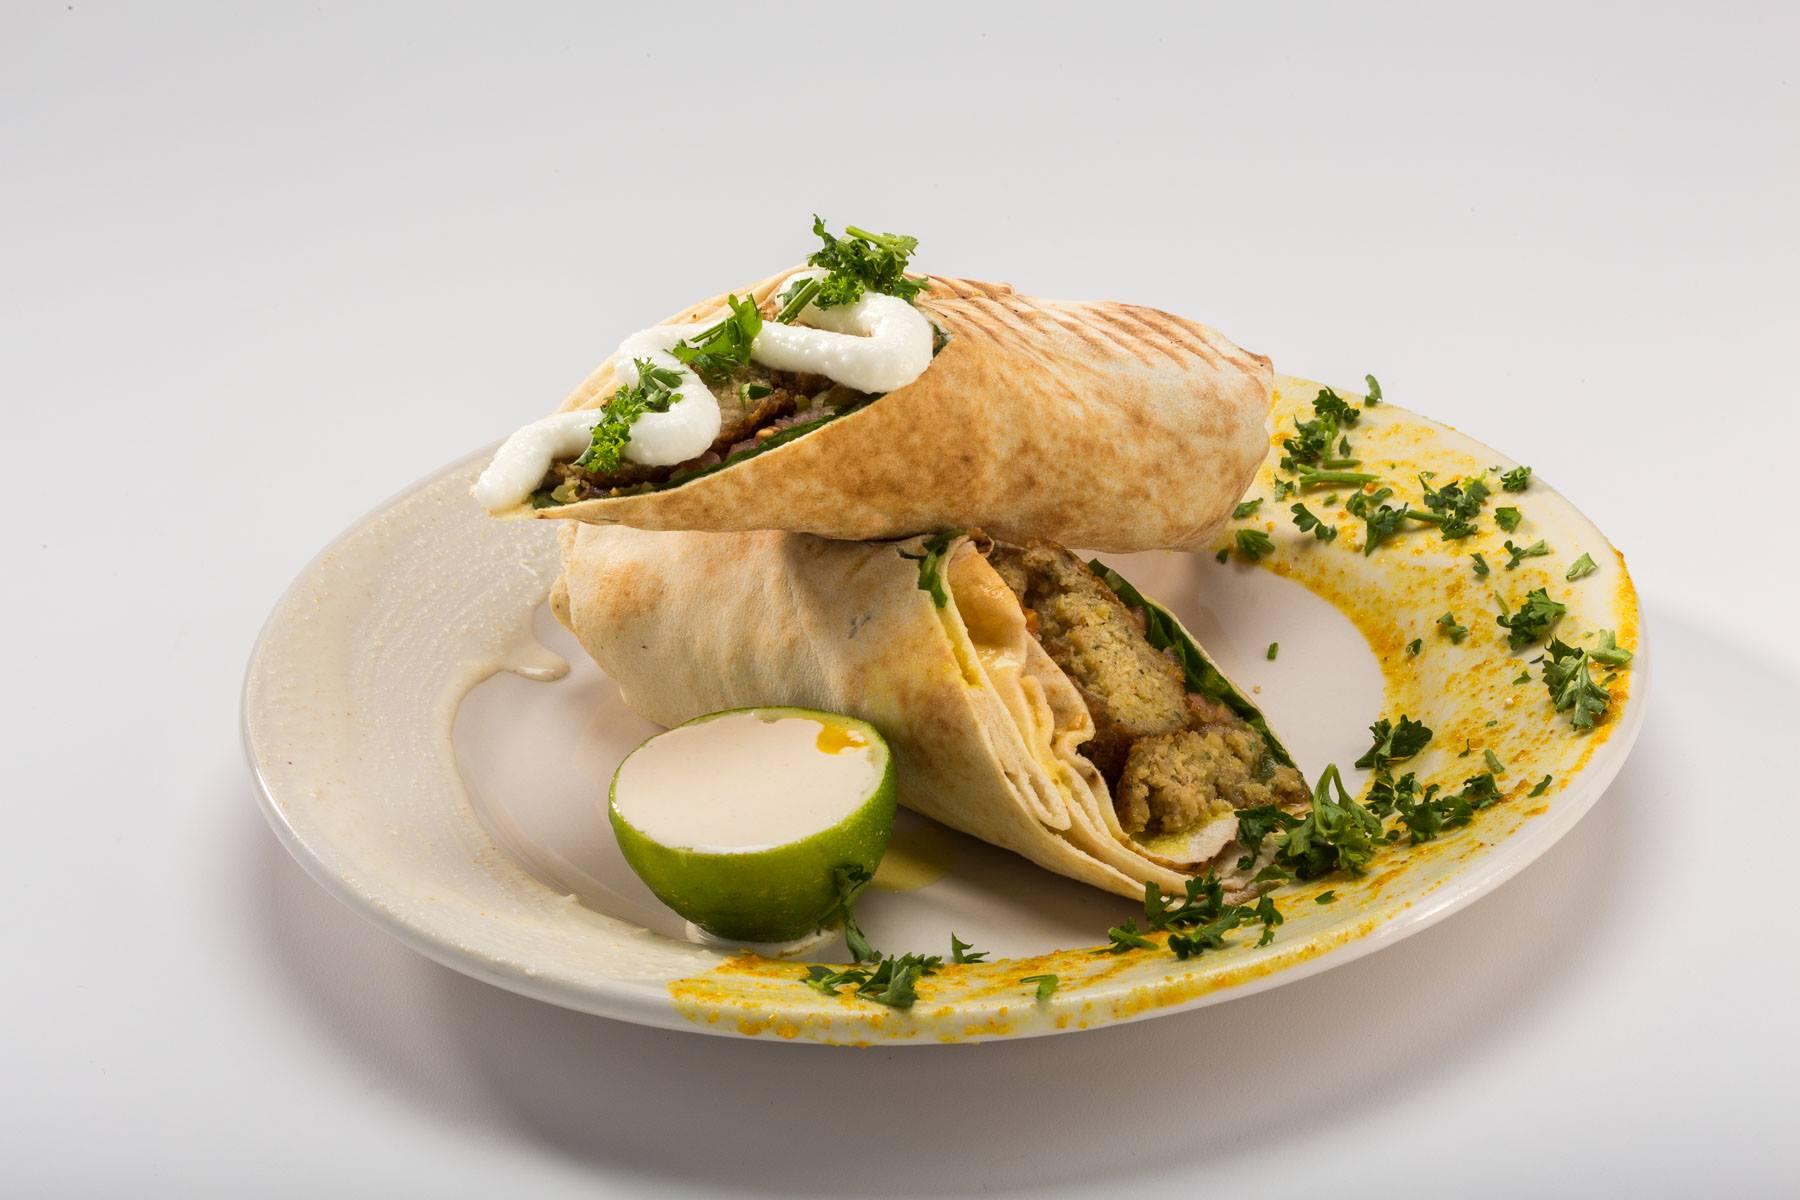 Egyptian Food Pittsford NY